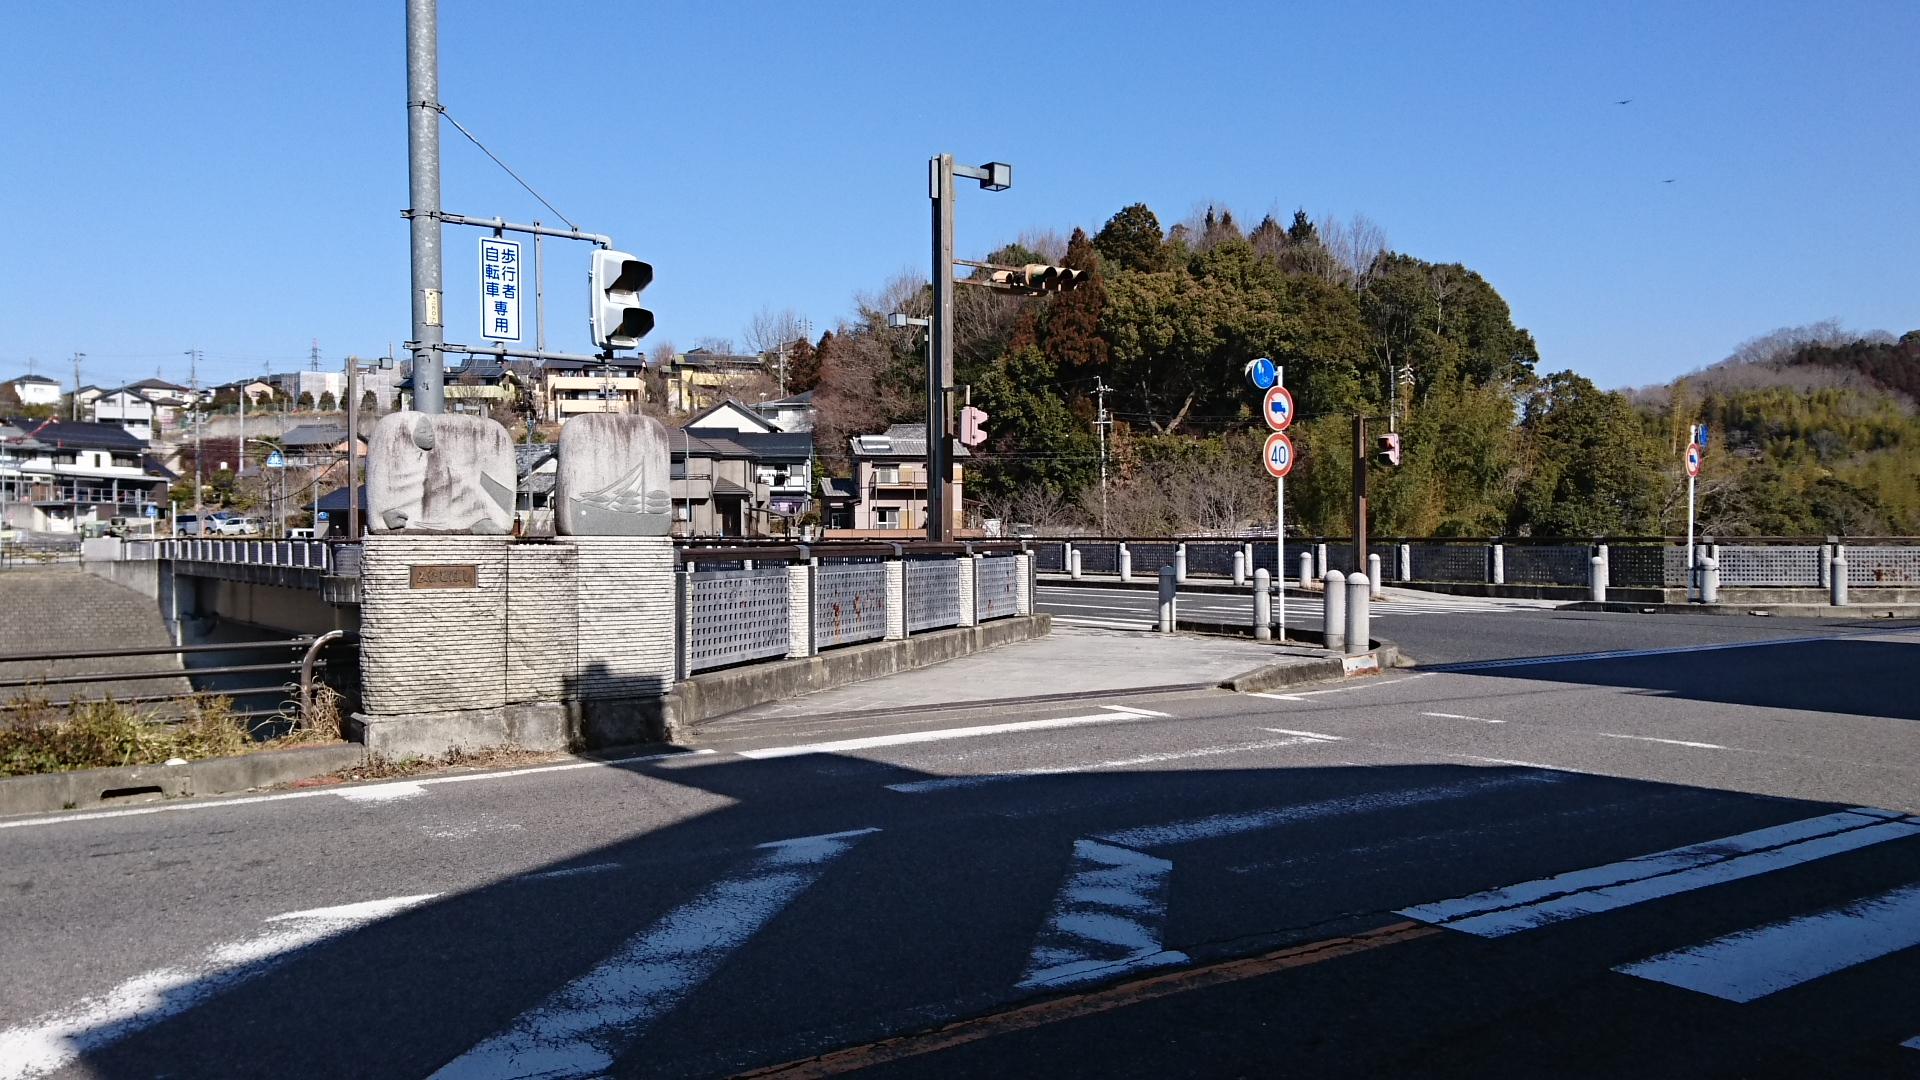 2018.2.27 (87) 九久平 - 港橋 1920-1080